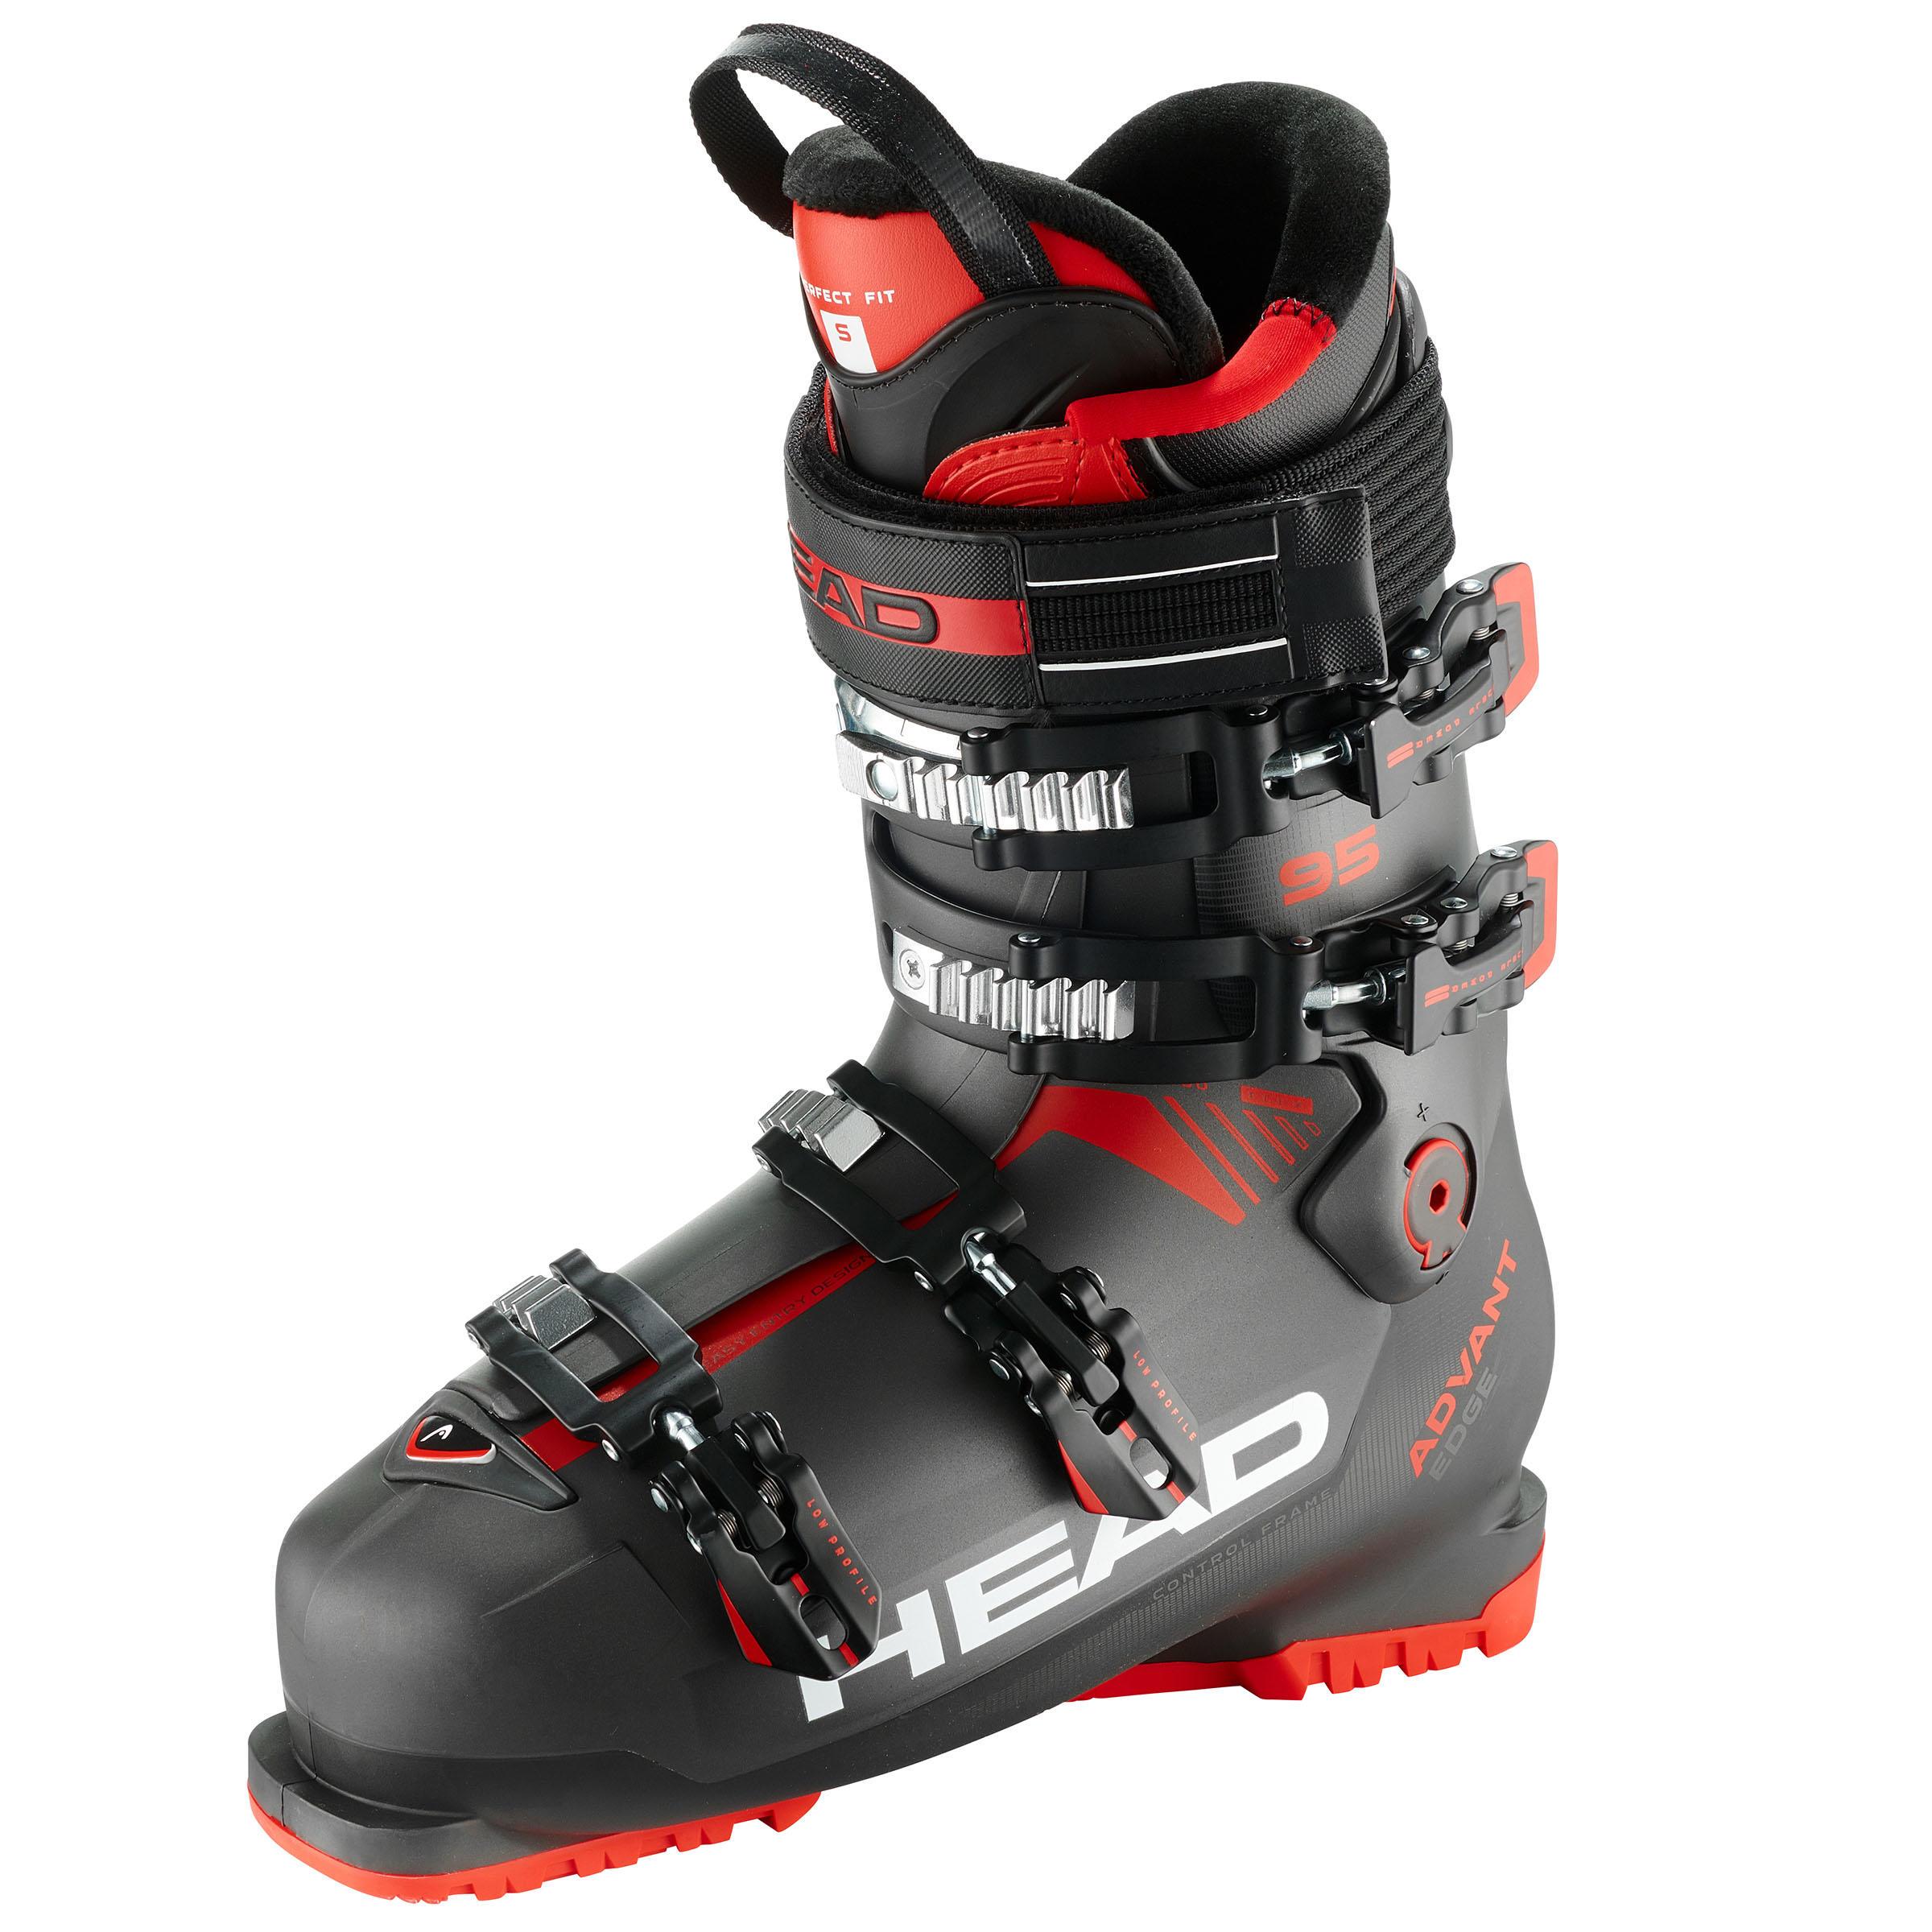 new style 1d84e 82950 De Chaussures Decathlon De Ski Chaussures Ski Decathlon De Chaussures 5qOUww